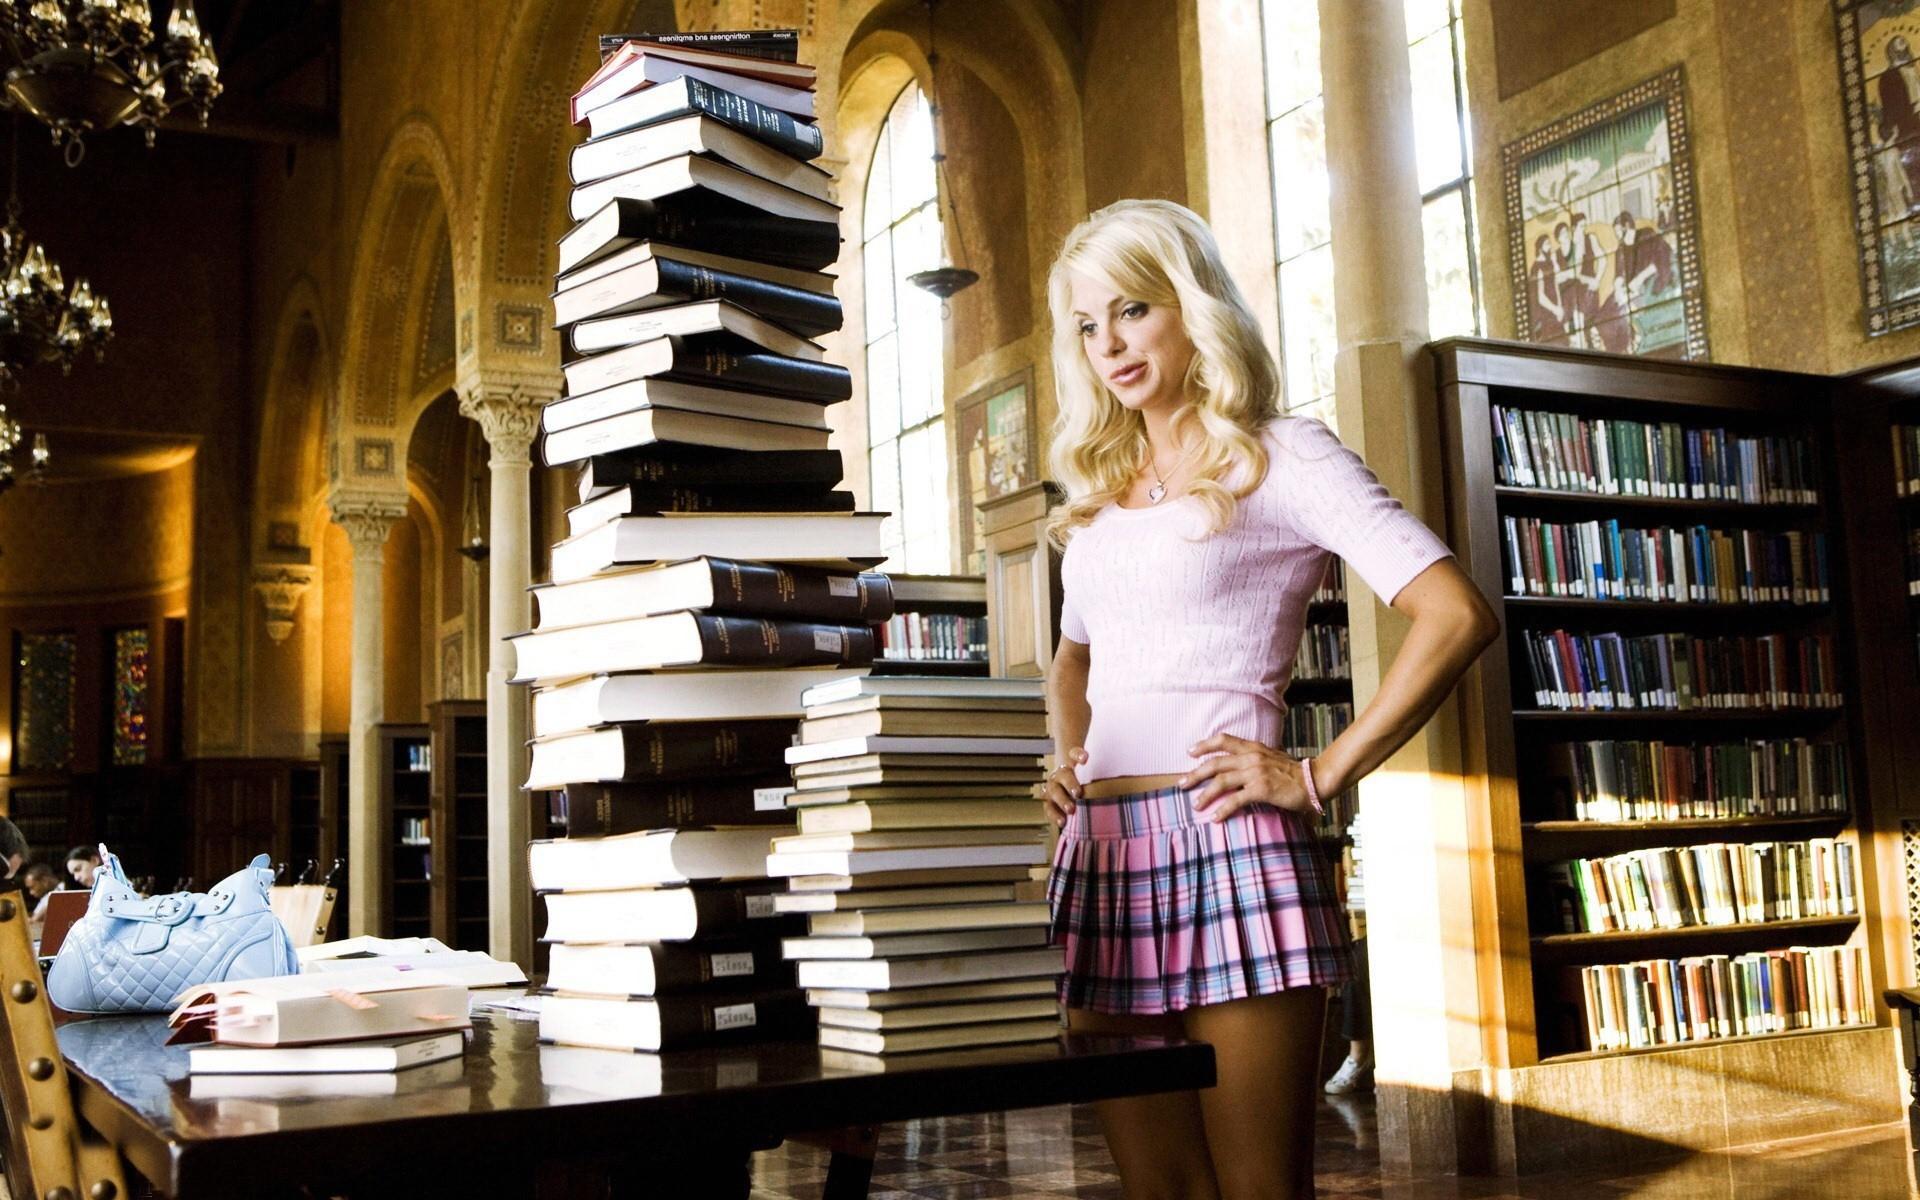 Эротическая библиотека читать онлайн, Эротические истории. Порно рассказы. Откровенные 8 фотография